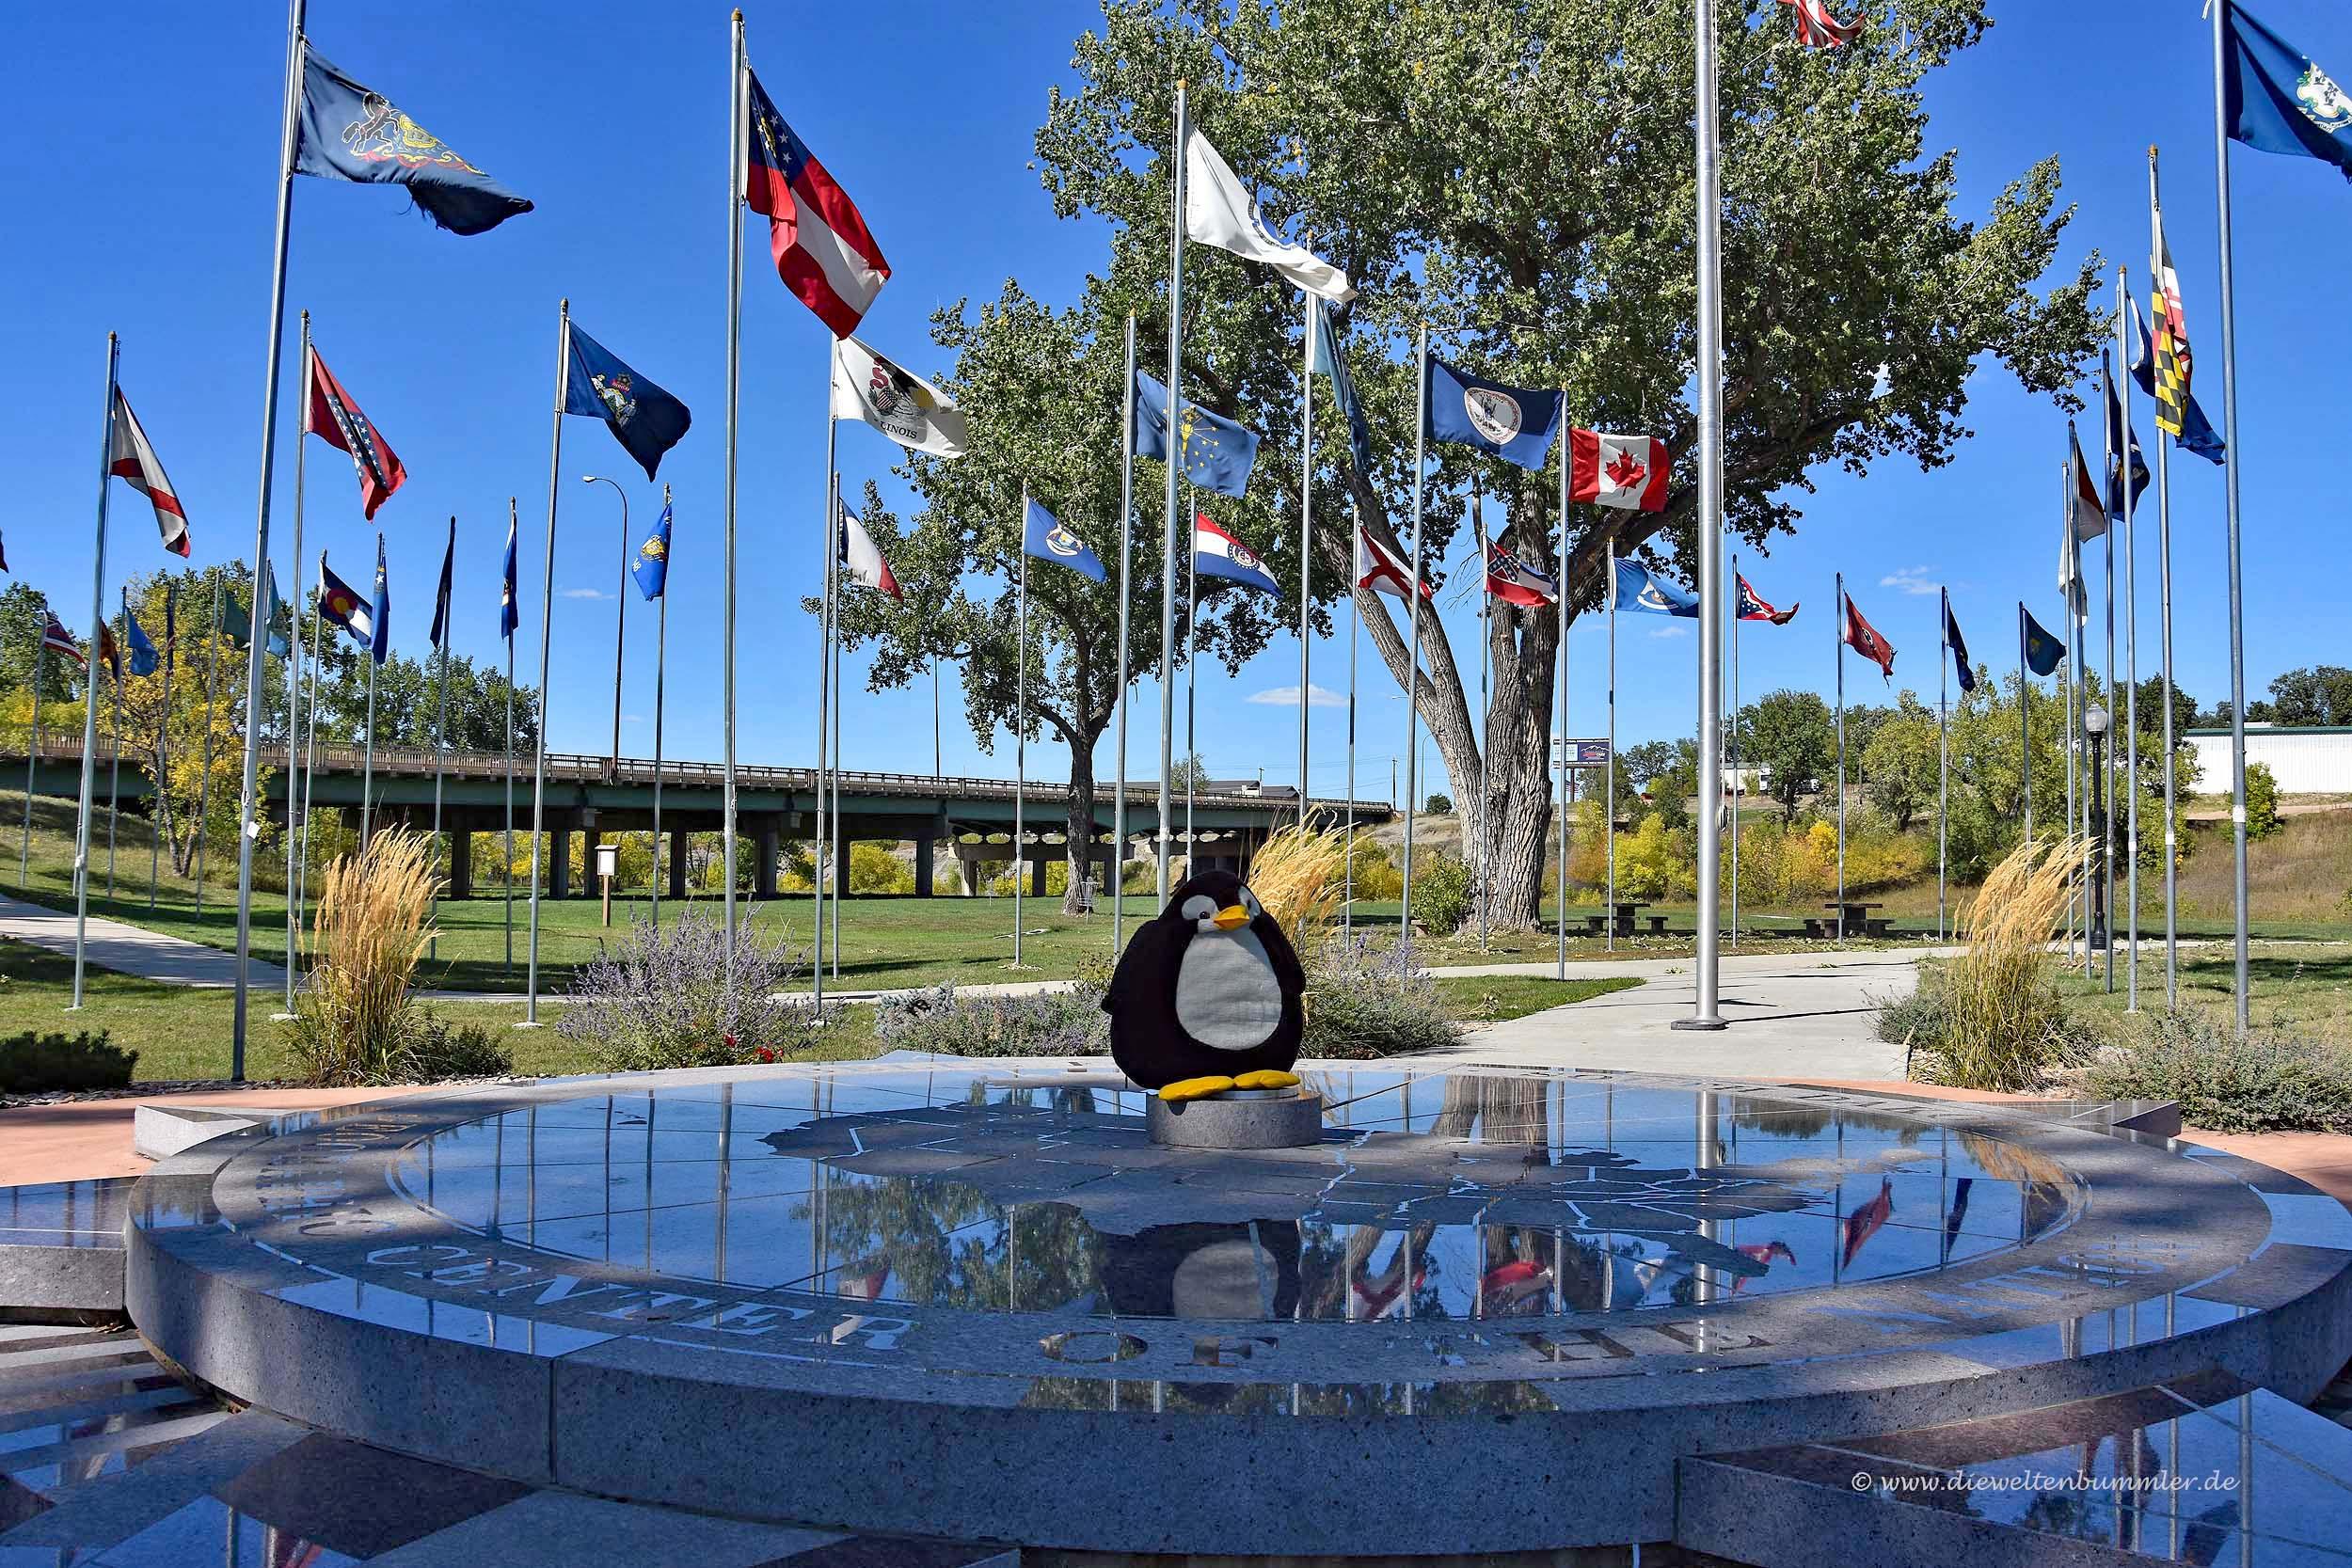 Pingu im Zentrum der USA